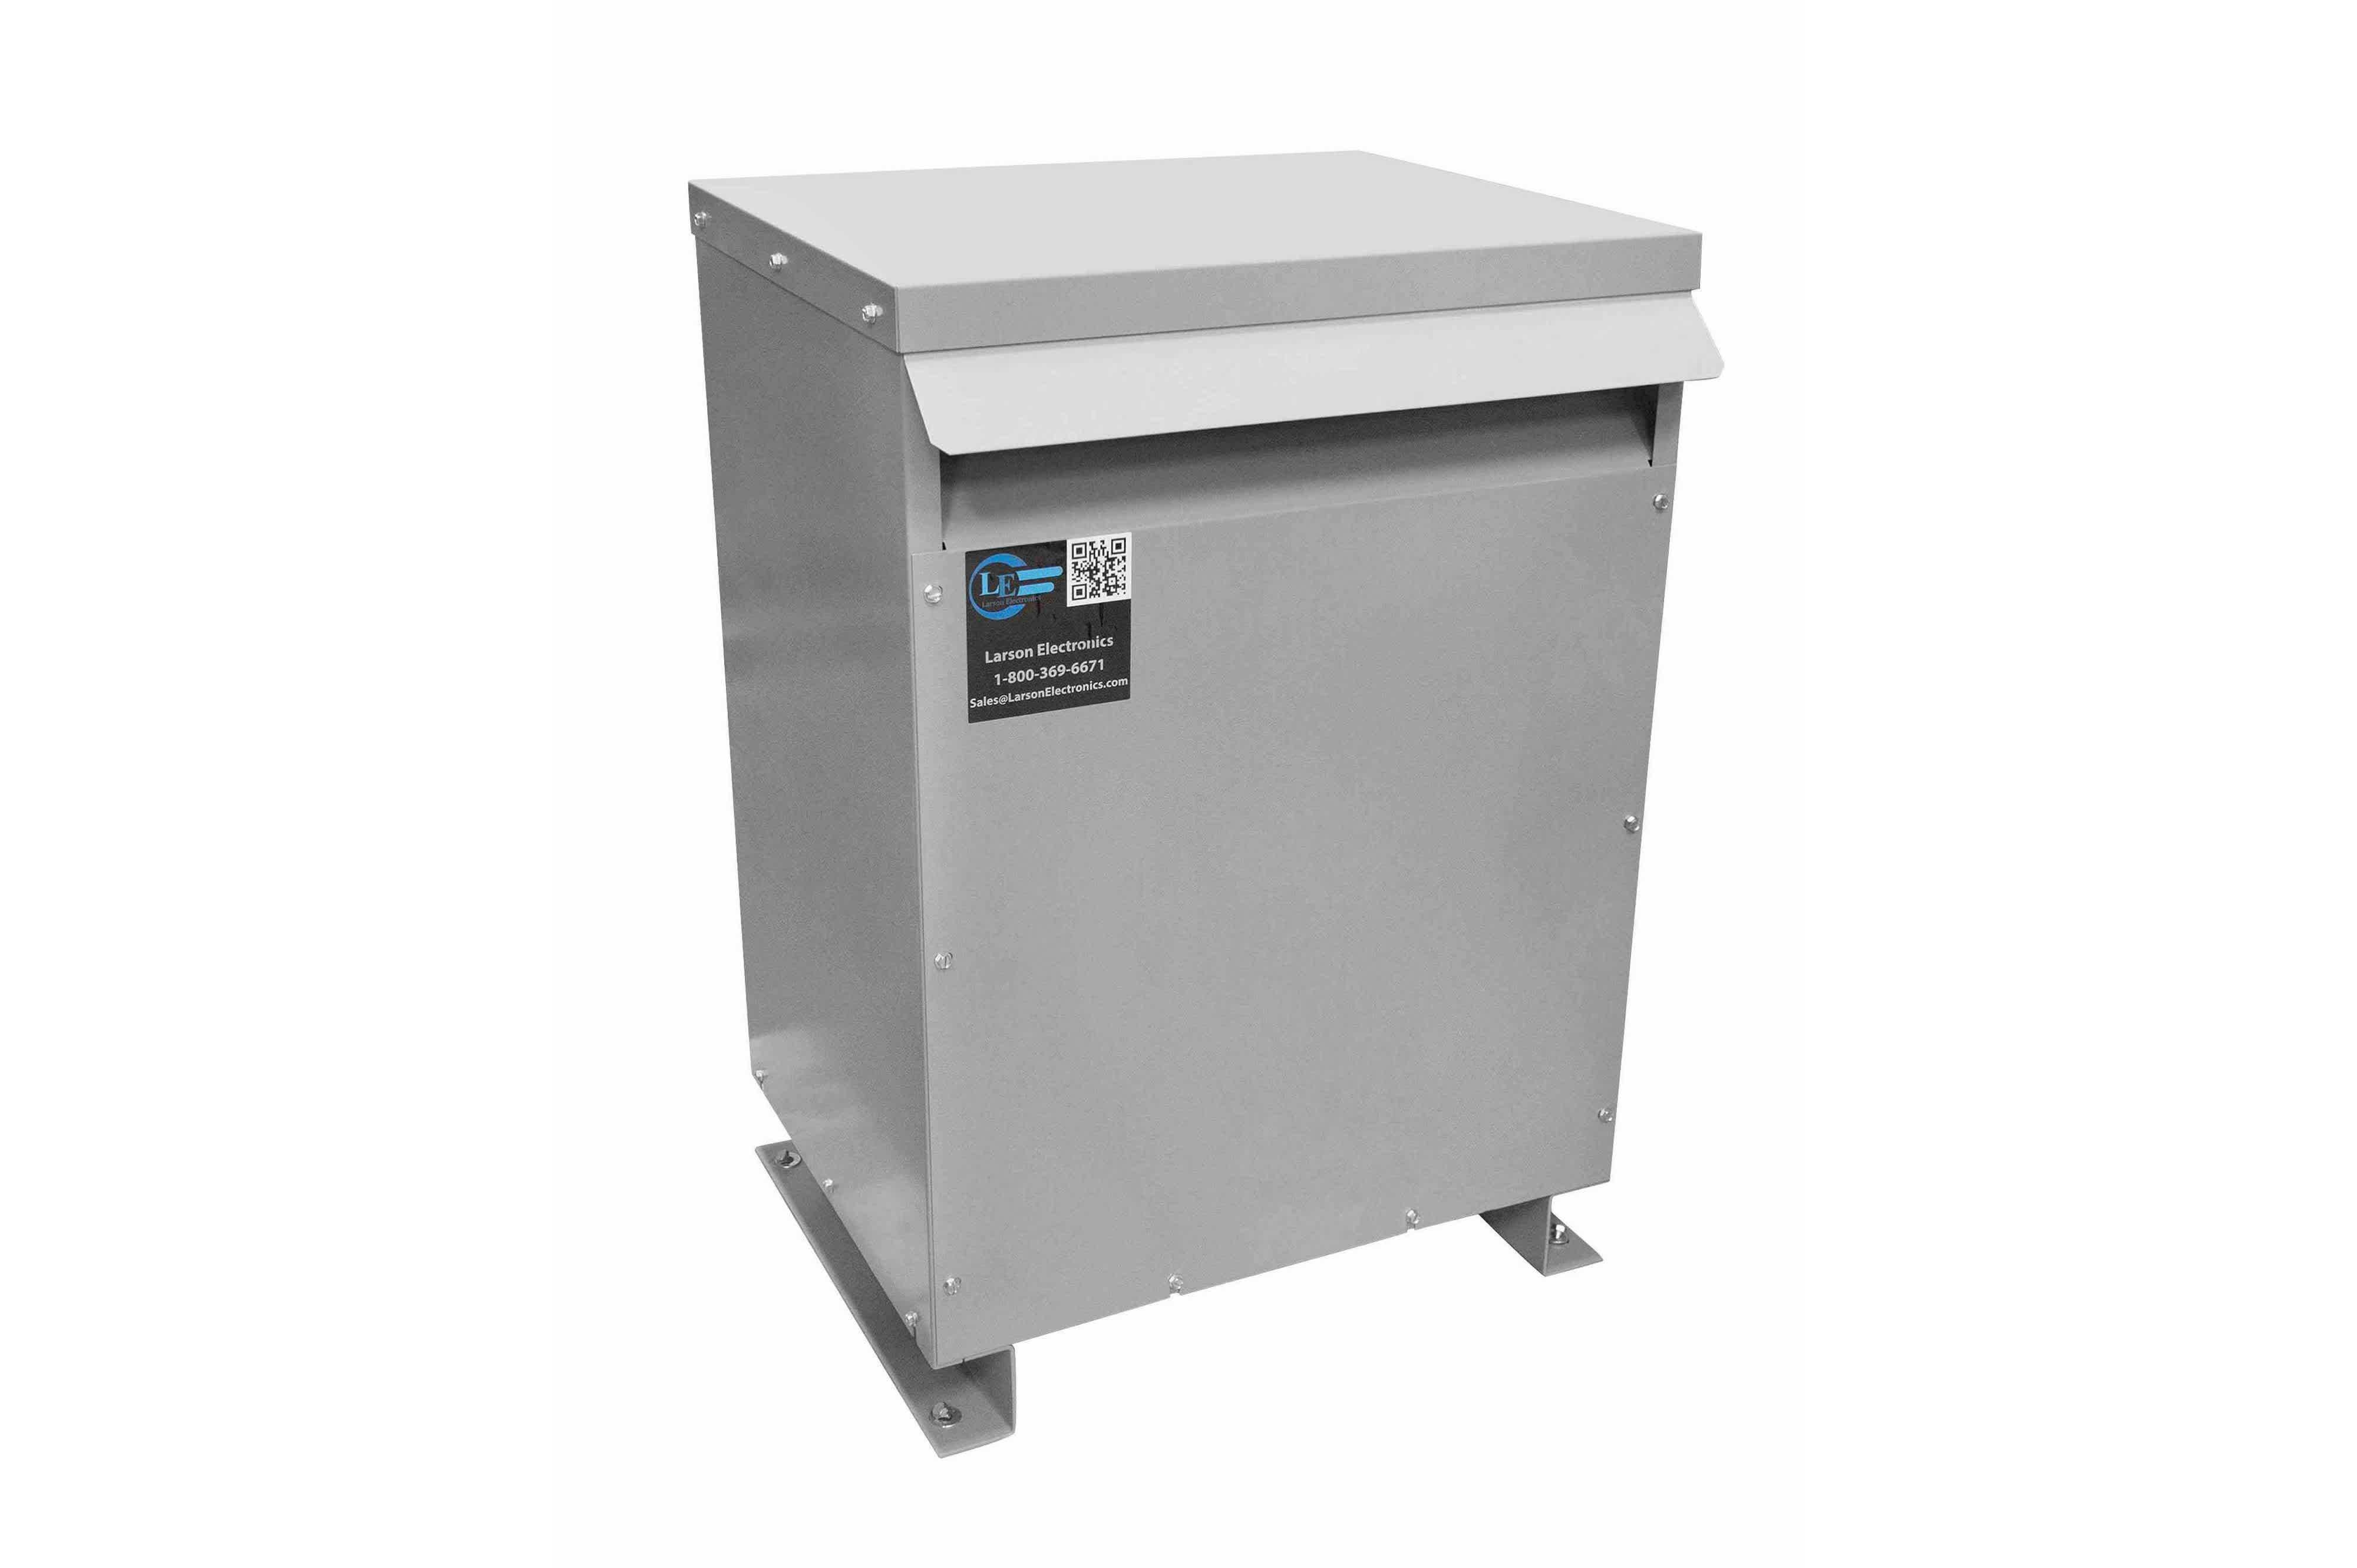 18 kVA 3PH Isolation Transformer, 220V Delta Primary, 480V Delta Secondary, N3R, Ventilated, 60 Hz